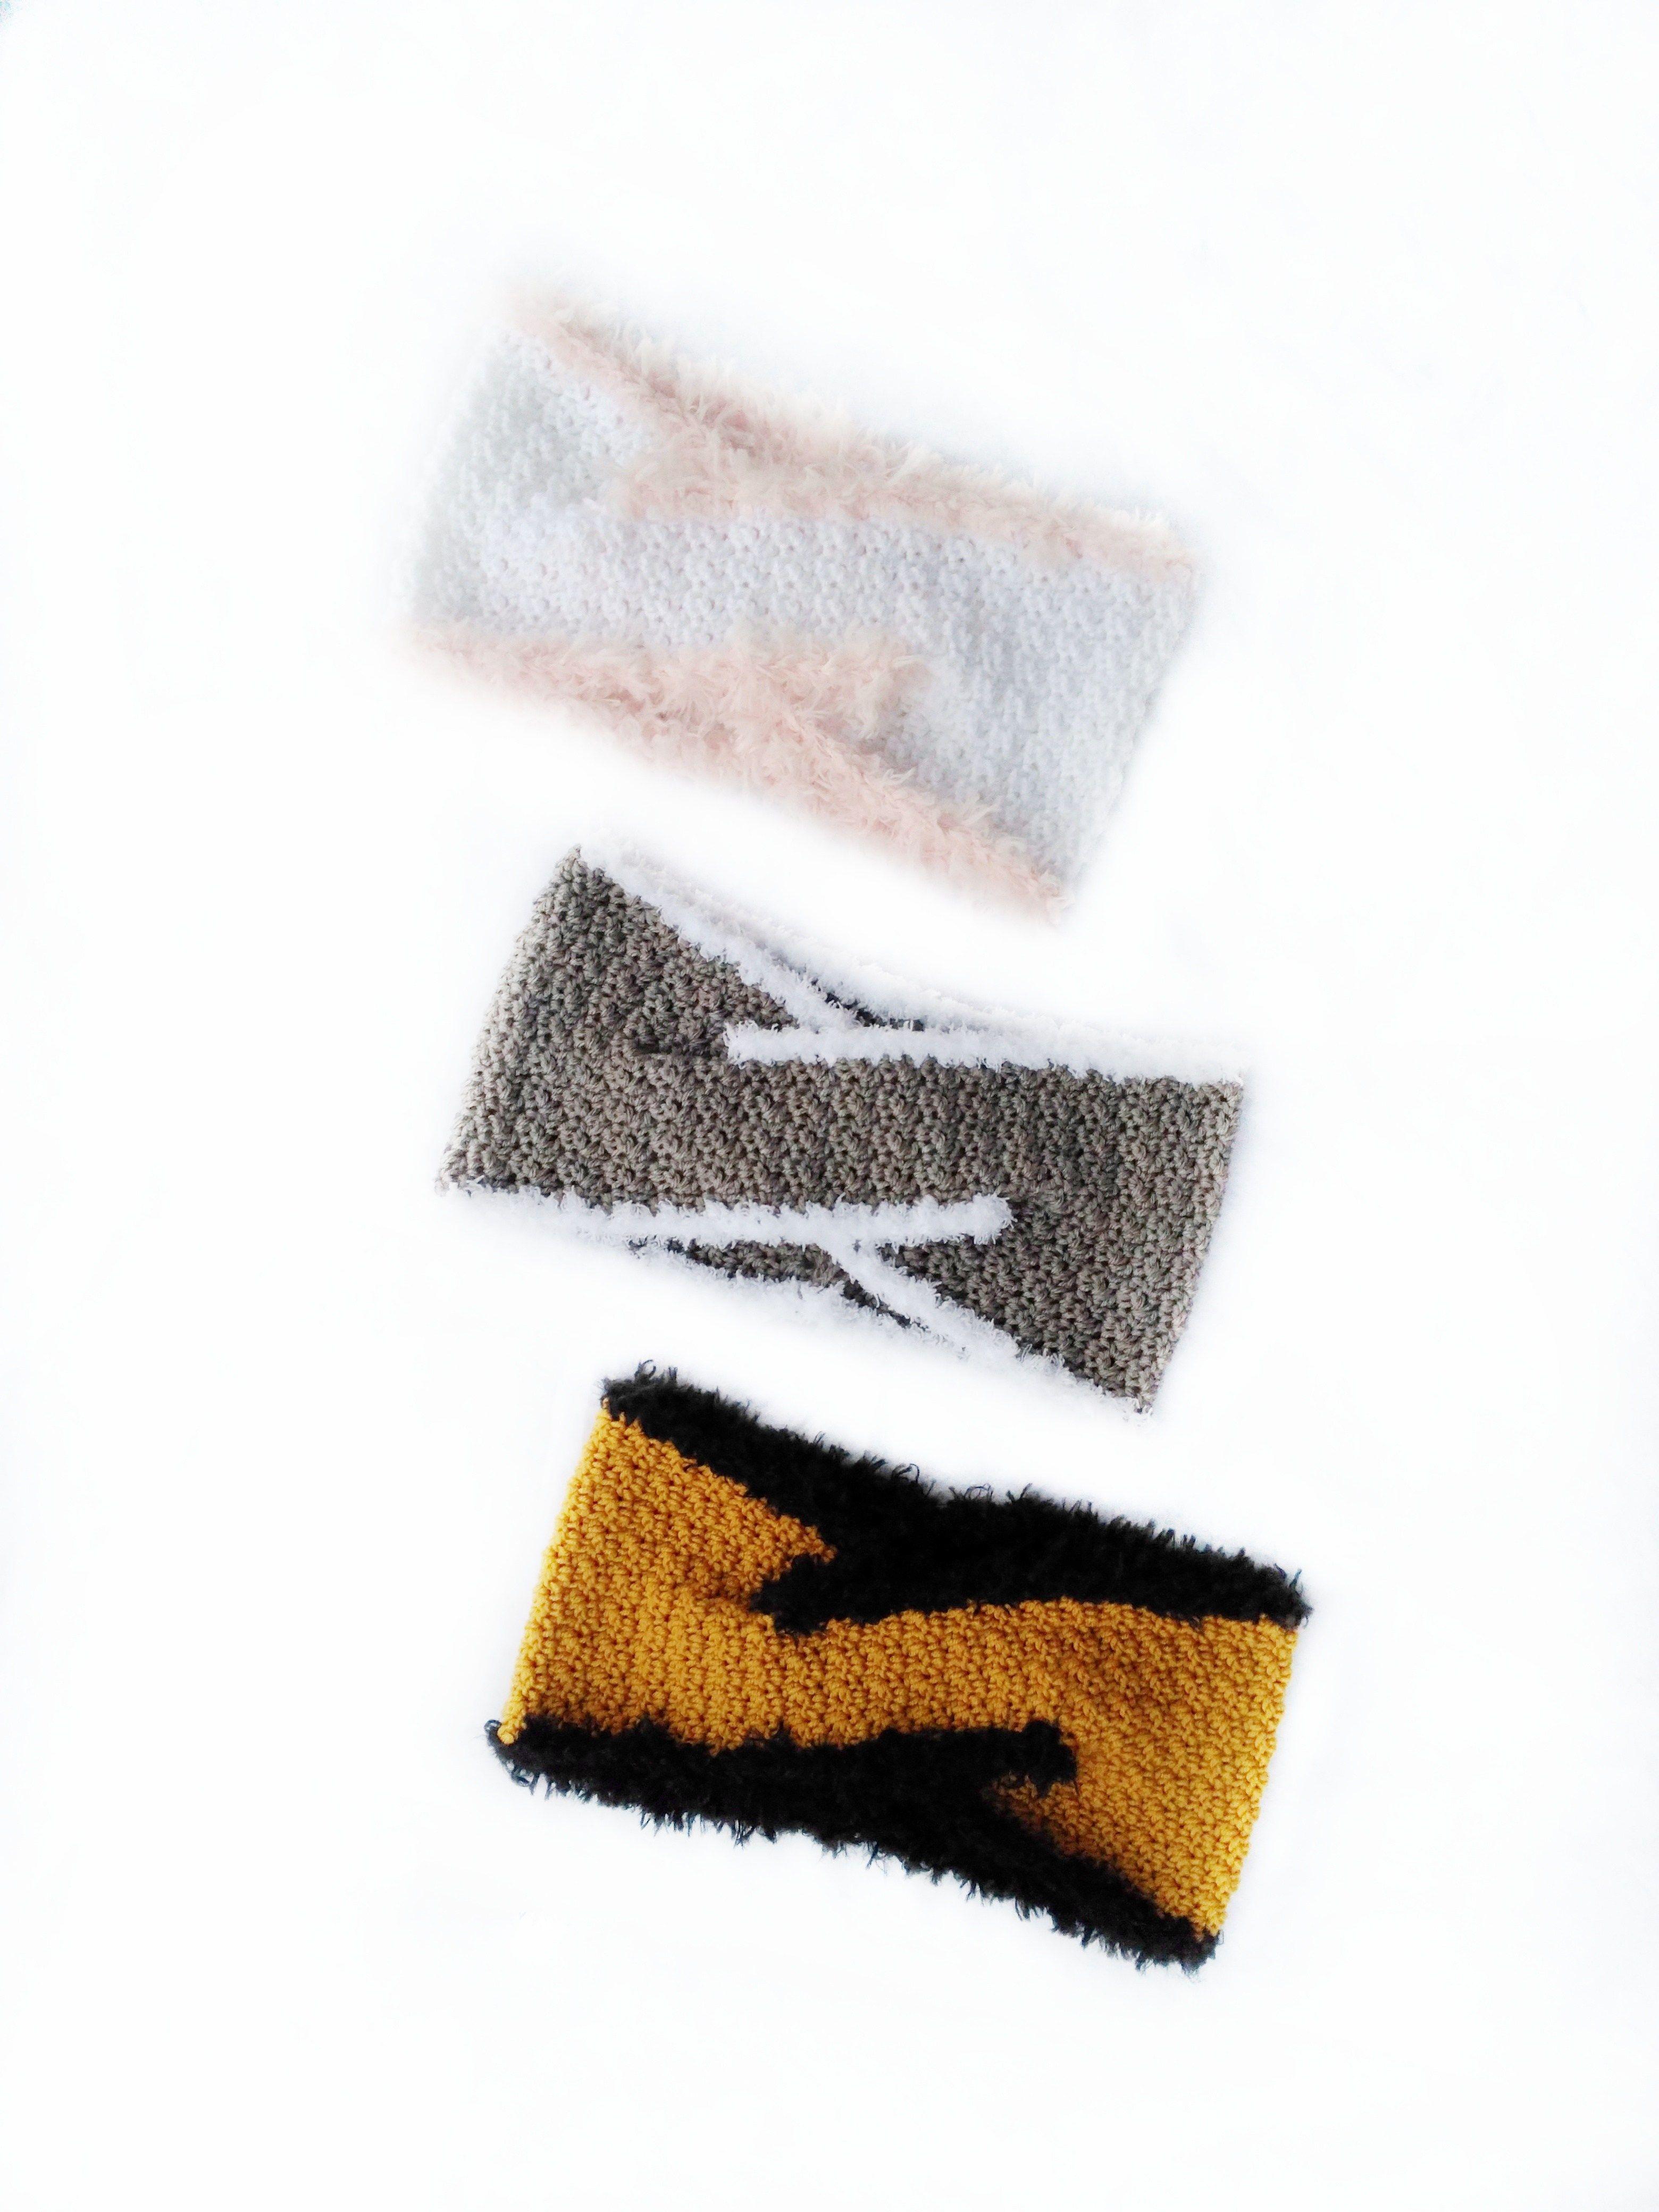 IMG_20181115_160257-01-01   COSITAS PARA TEJER   Pinterest   Croché ...